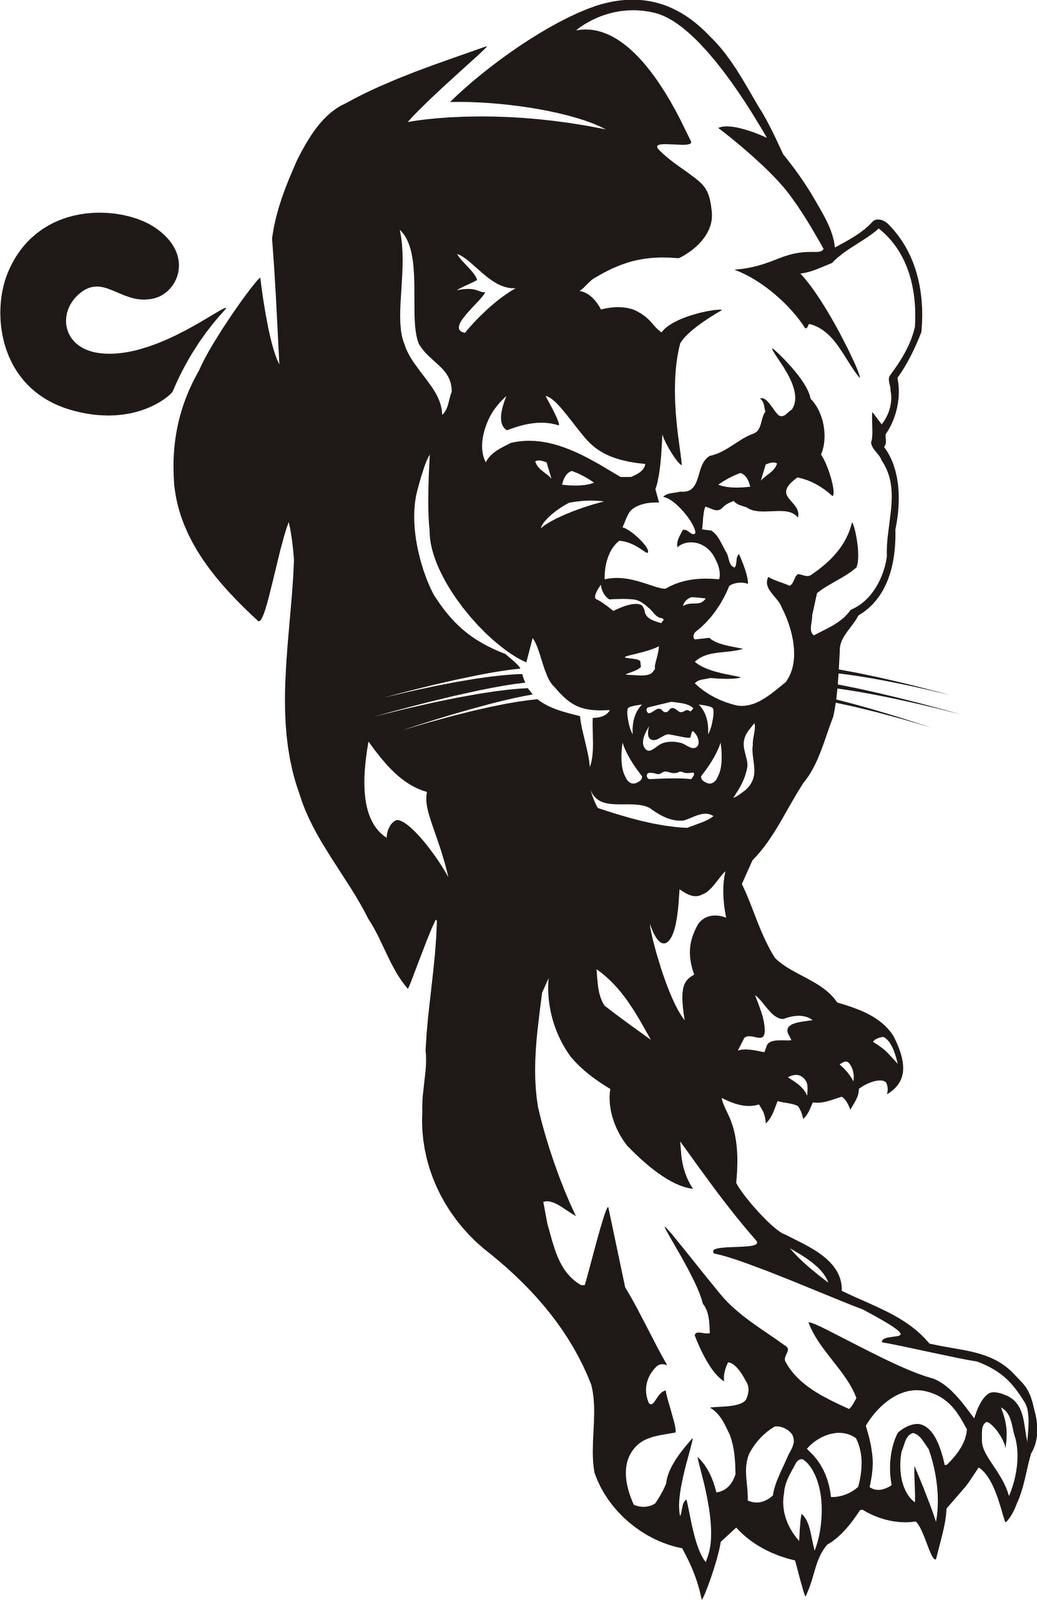 Panther Logo Clip Art Mas Cg 004 Art Drawings Panther Logo